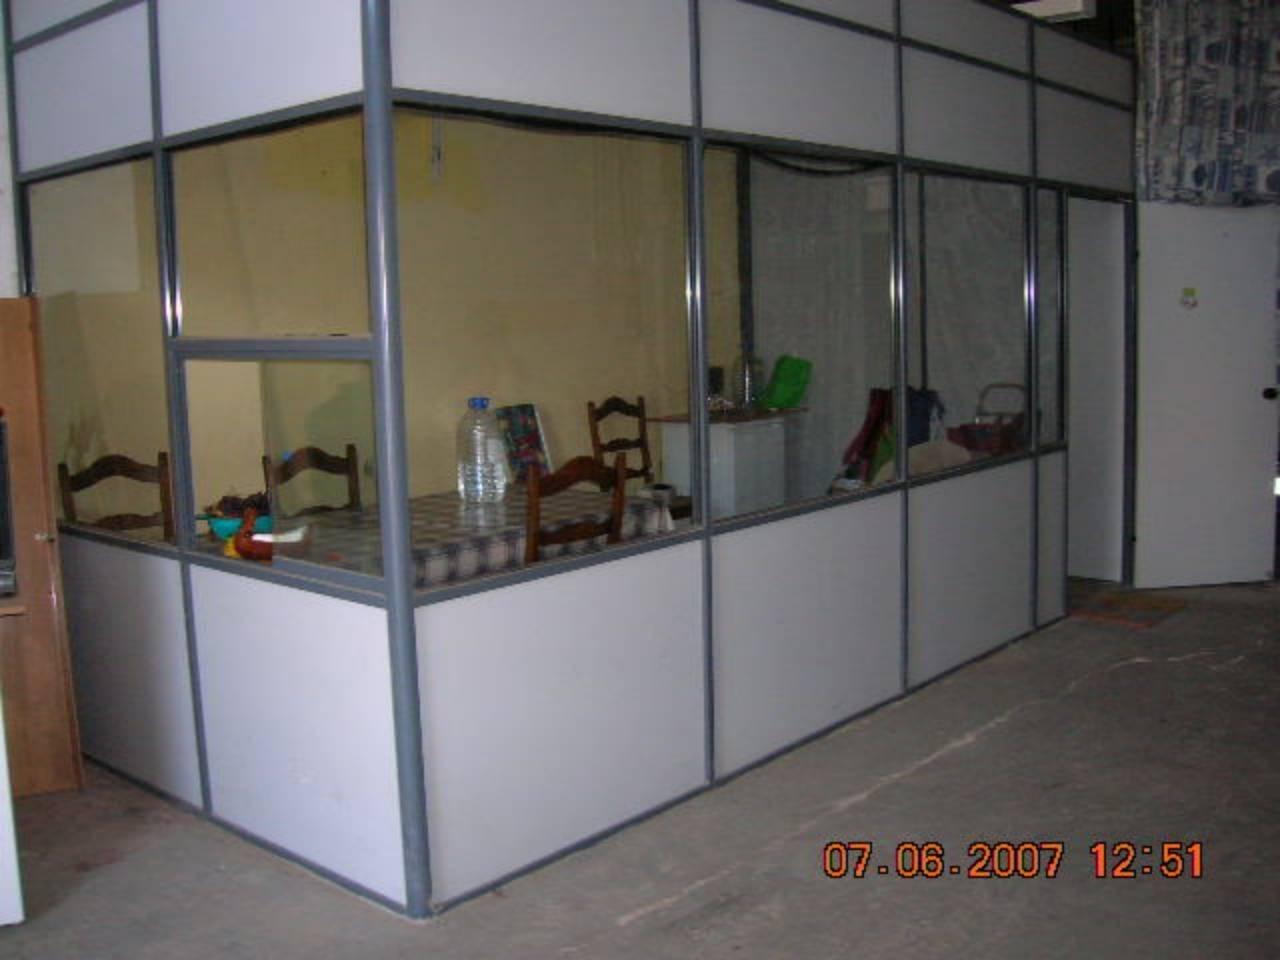 Alquiler Local Comercial  San carlos. 125 m² solar, altillo (muy grande), escaparate (no), gastos comu